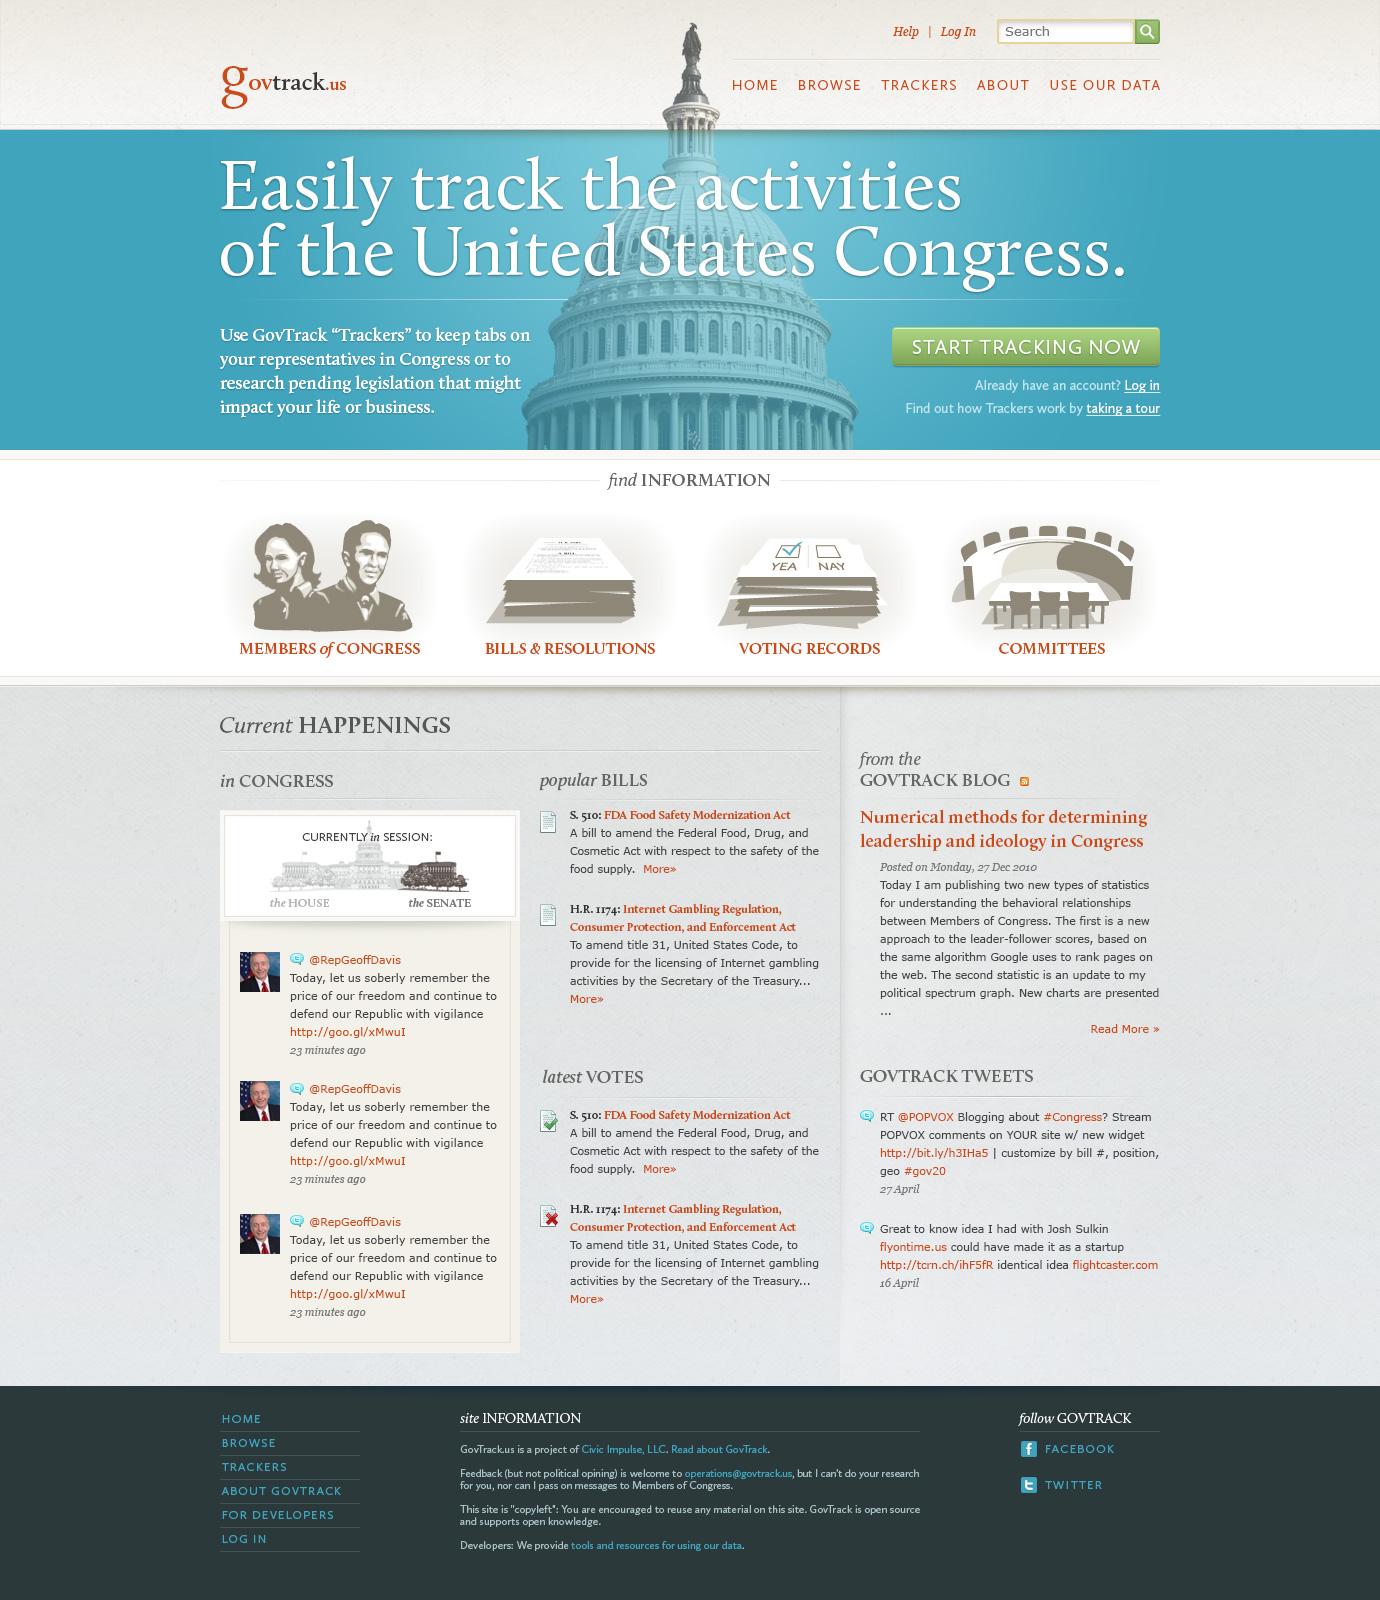 Govtrack home page design